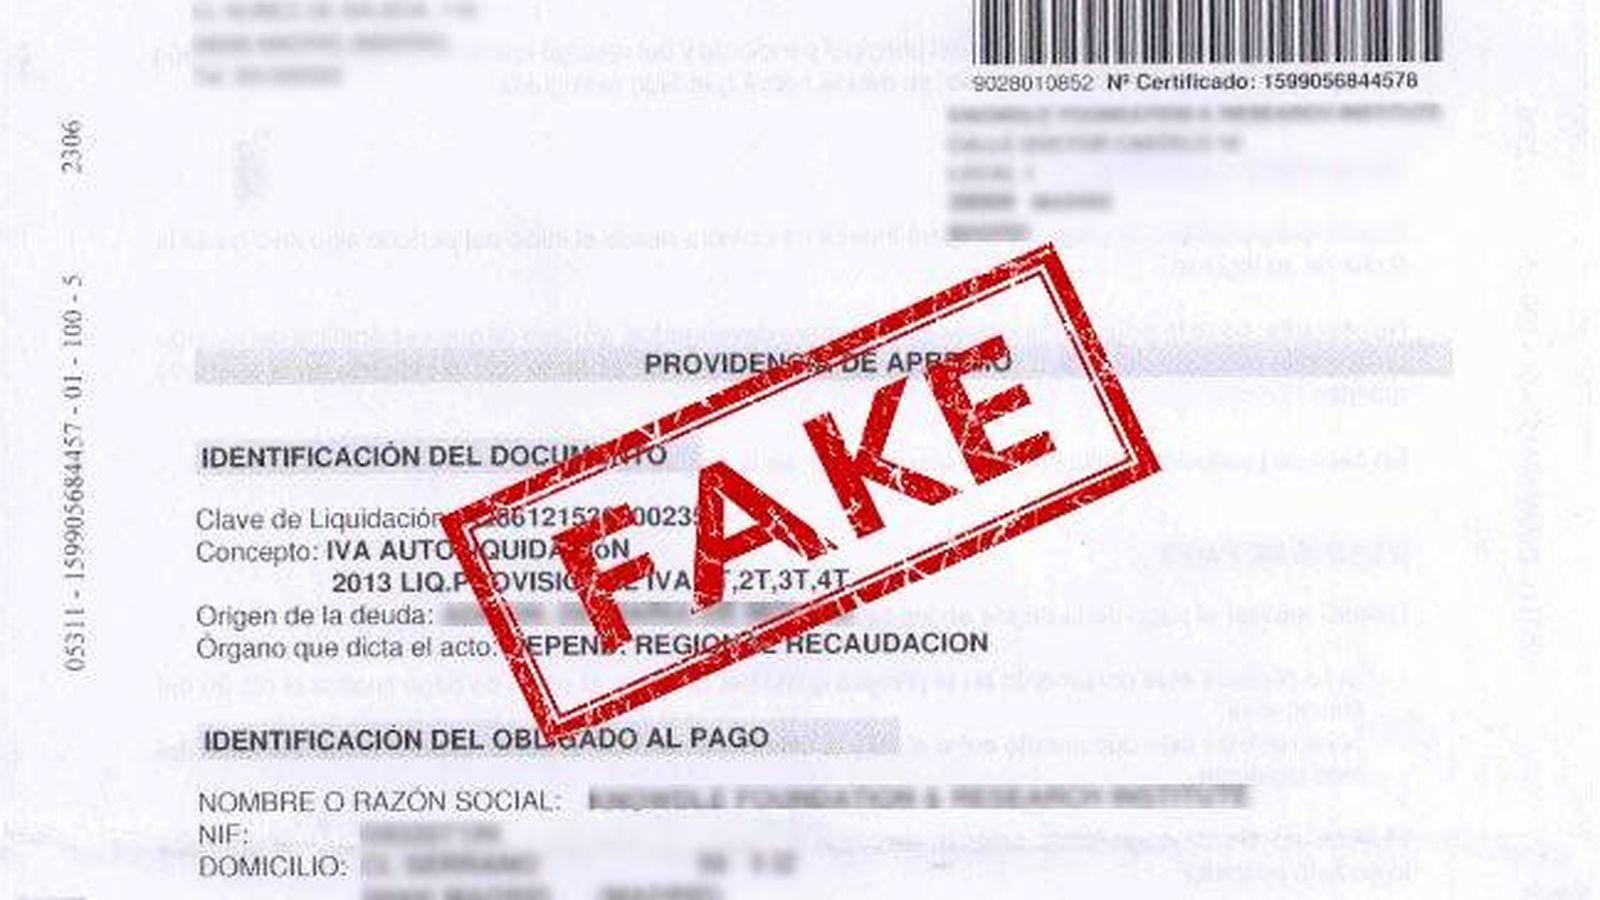 Foto: Montaje de un adjunto enviado en la estafa de suplantación de identidad de la Agencia Tributaria.